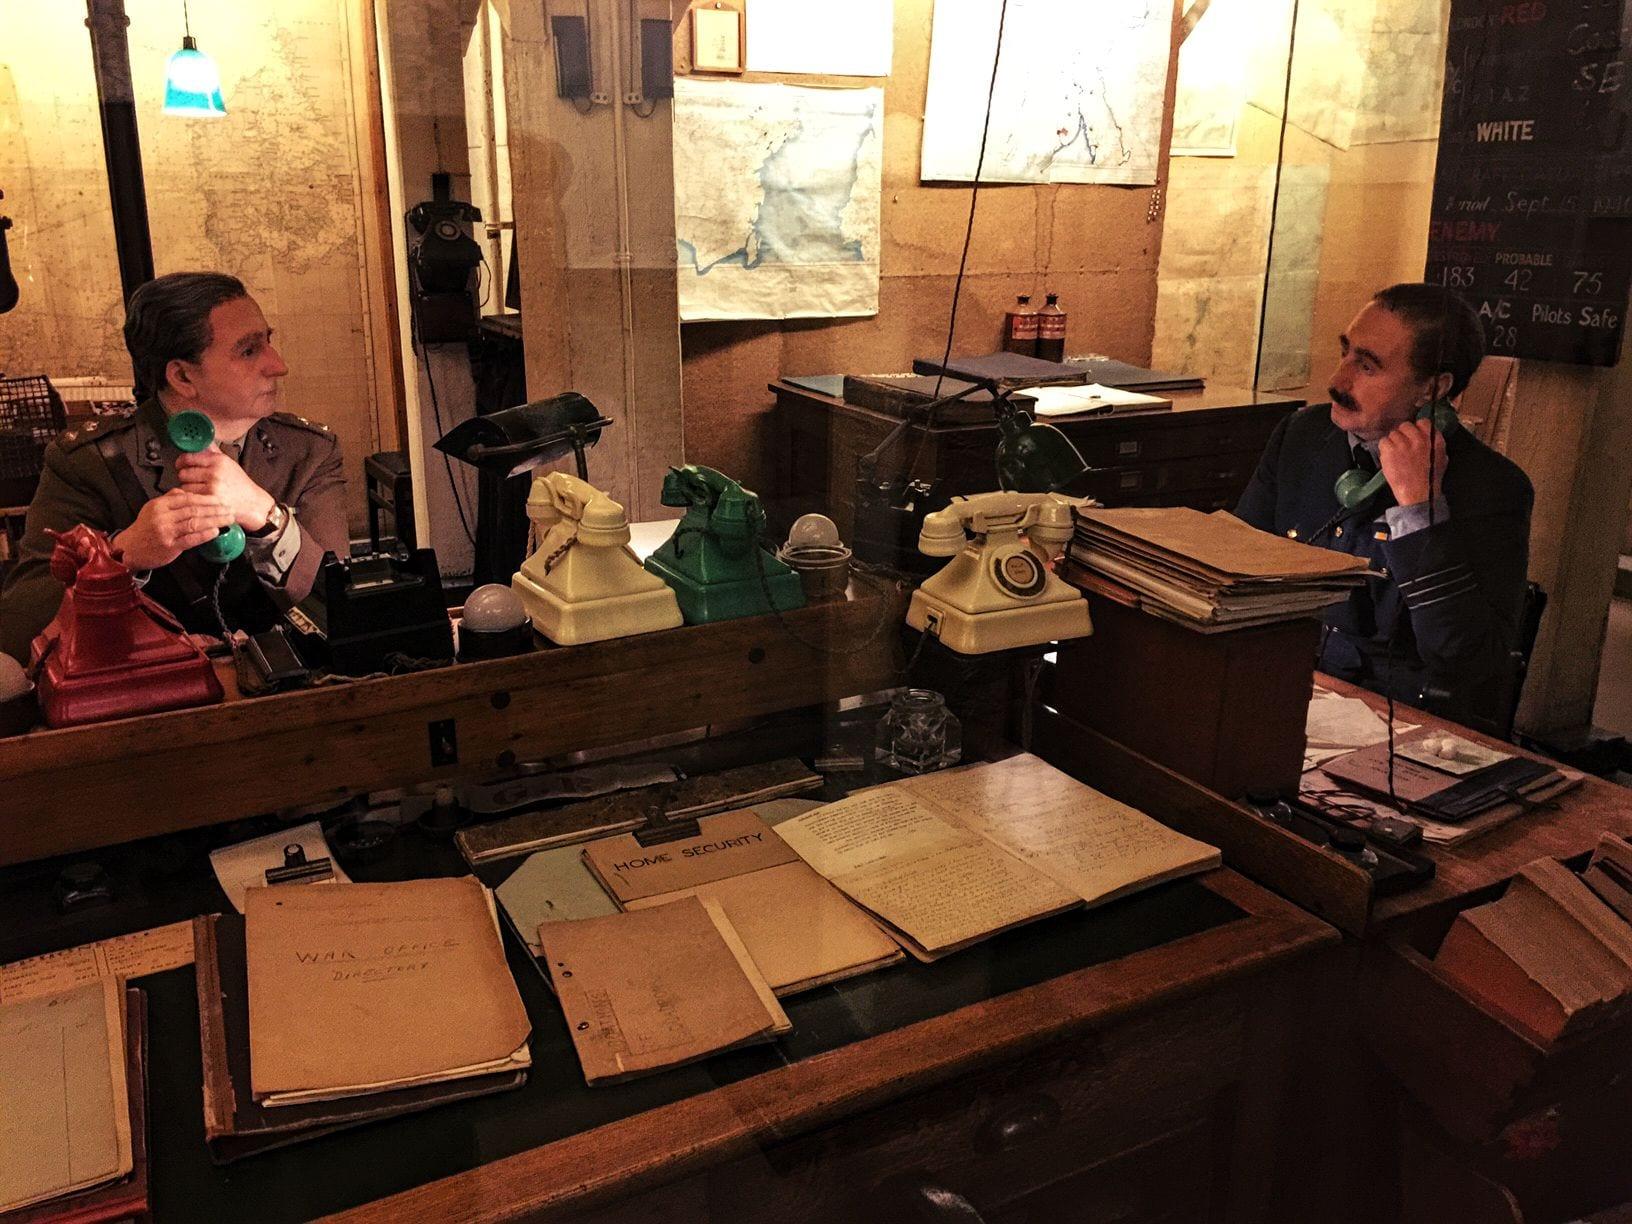 Eine authentisch nachgestellte Szene aus den Churchill War Rooms